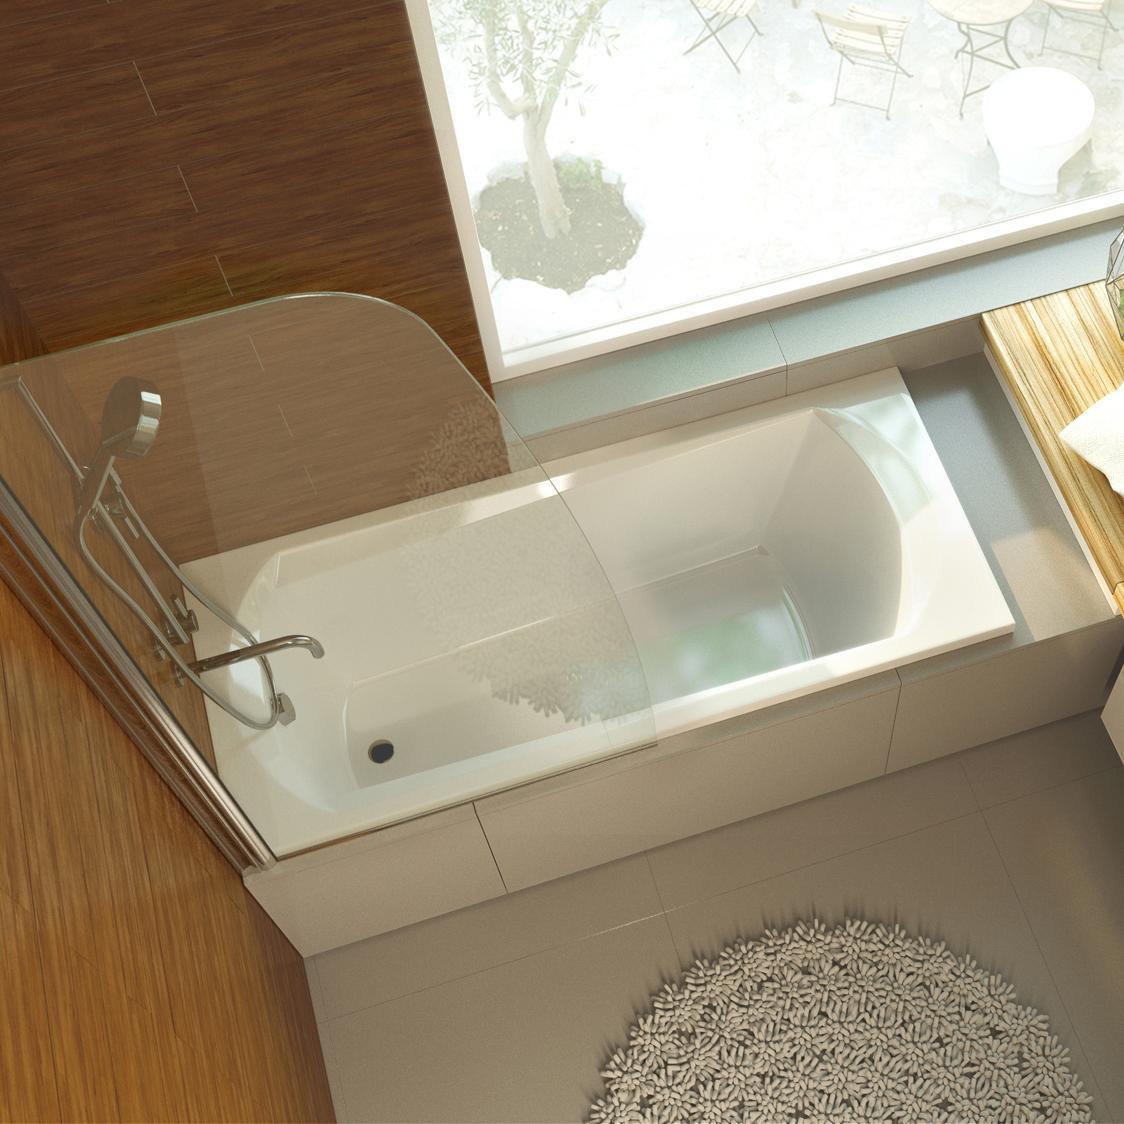 Акриловая ванна Alpen Diana 150x70 акриловая ванна alpen diana 150x70 комплект